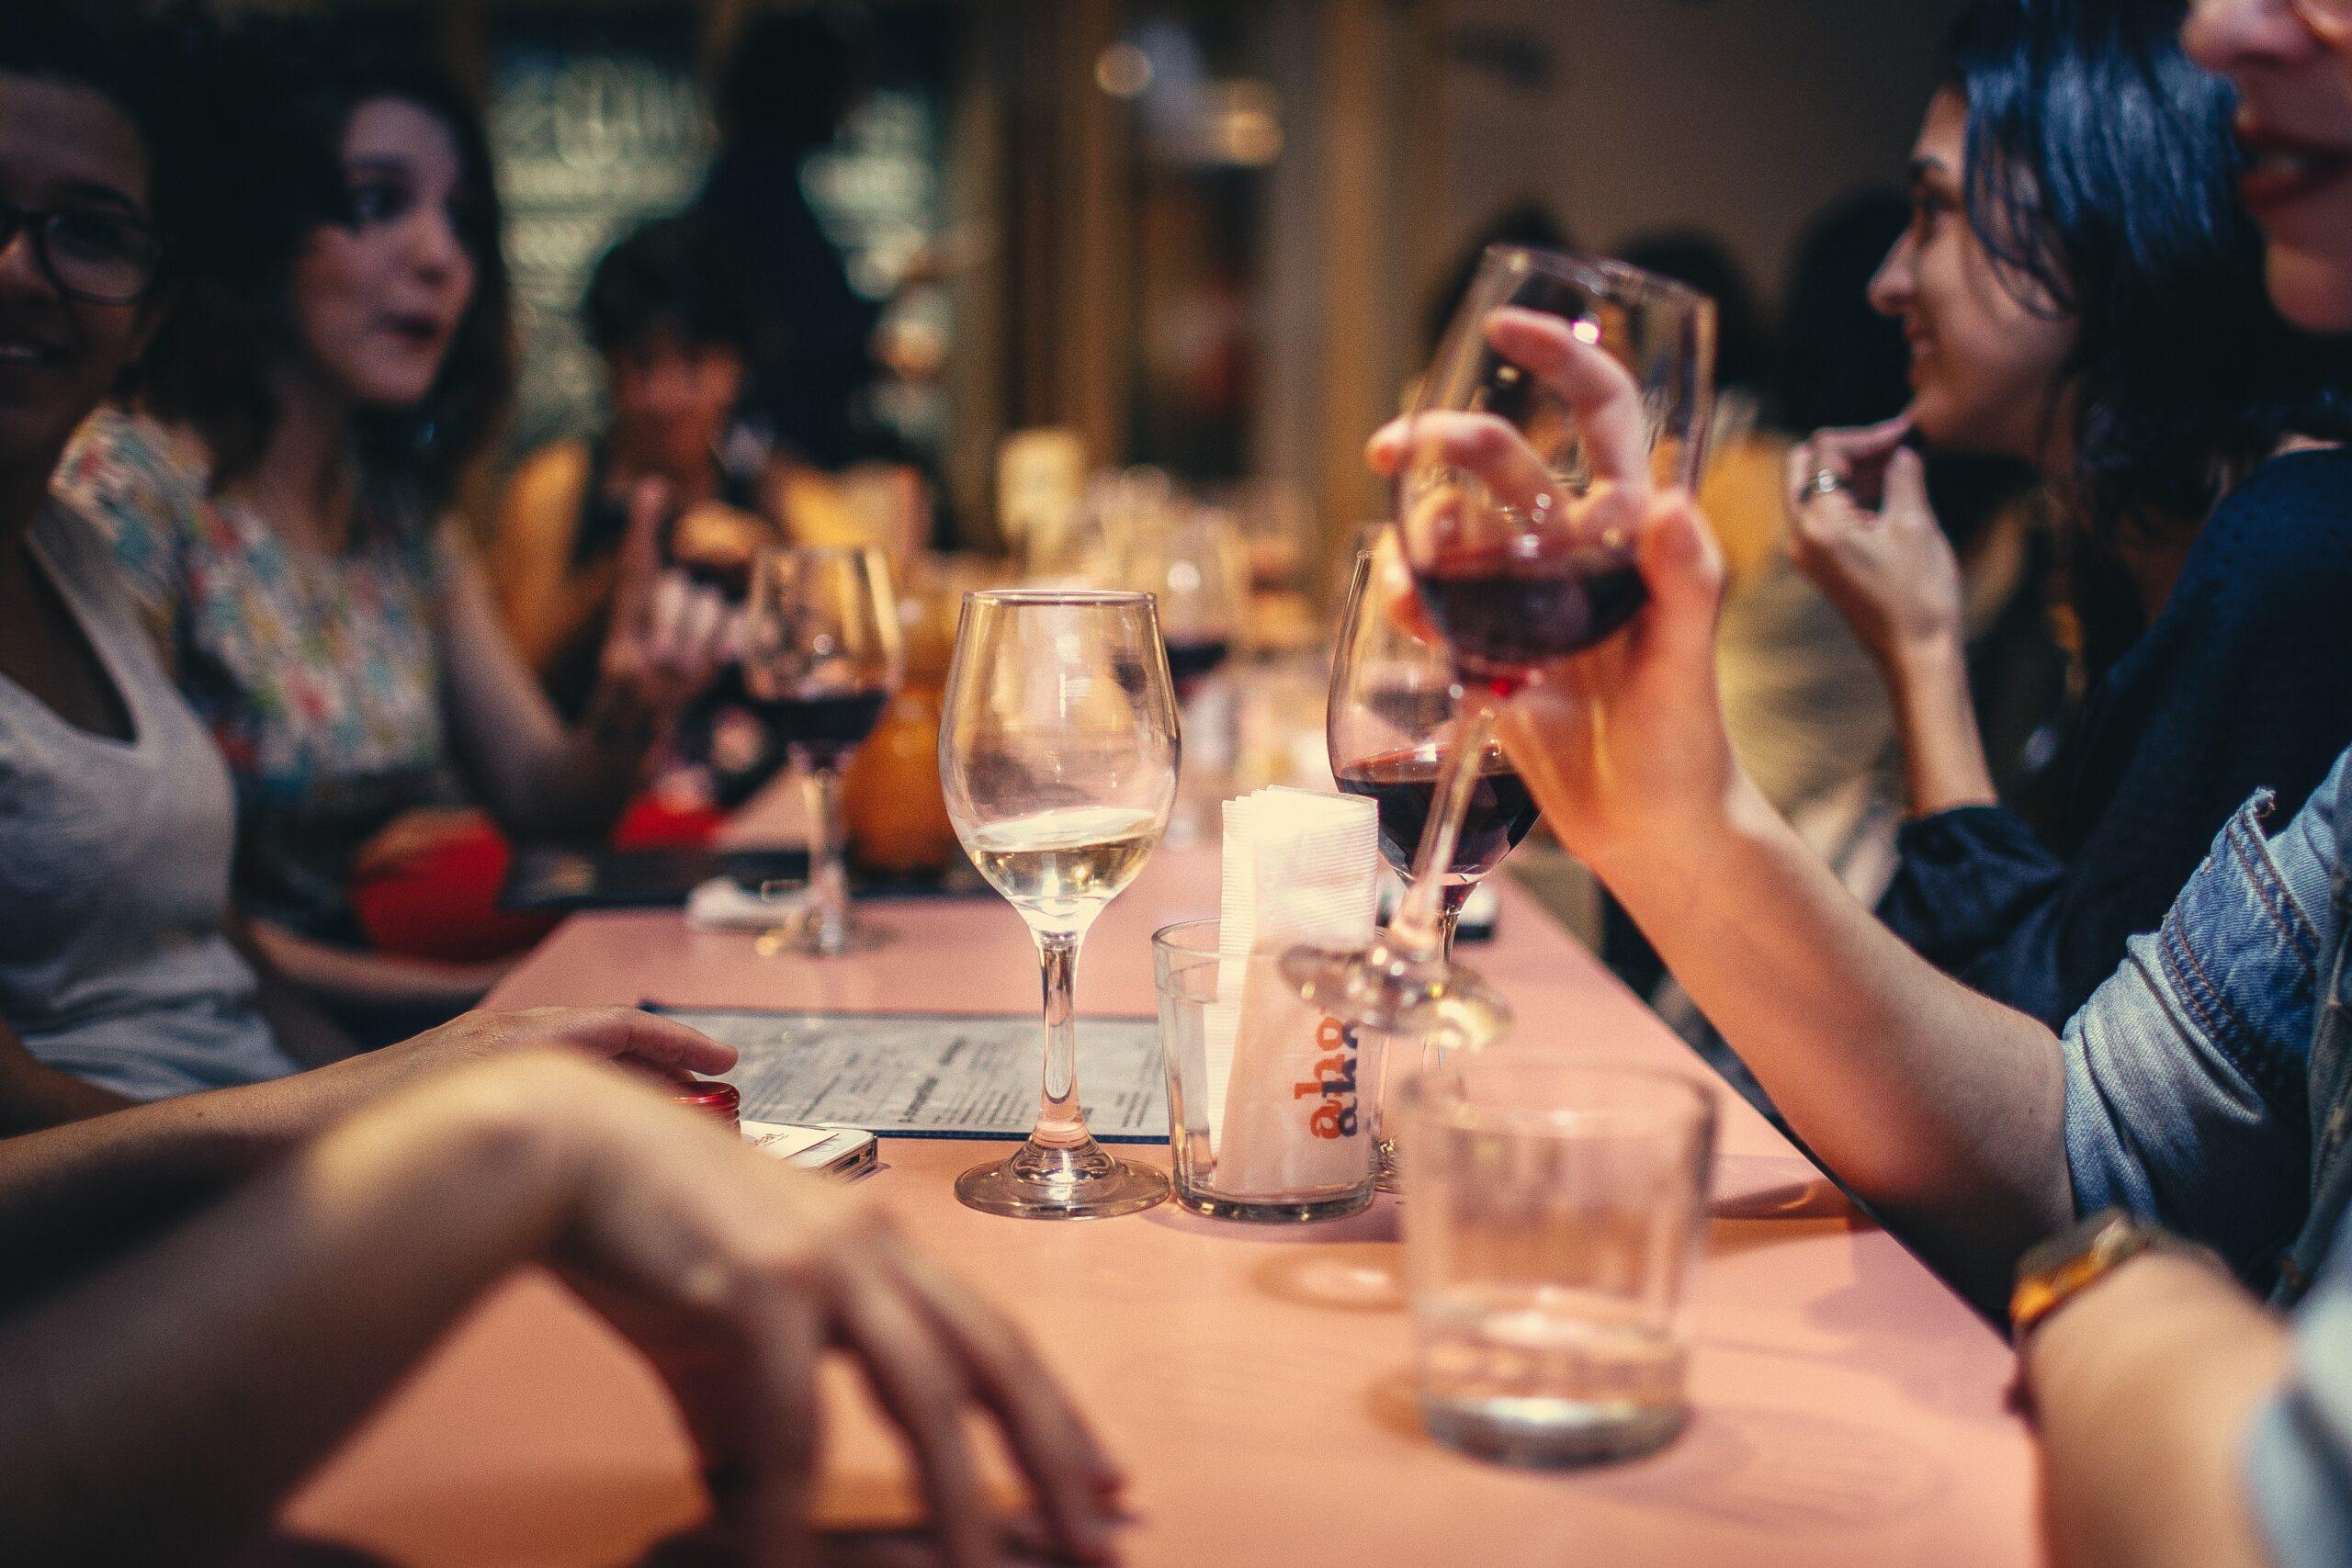 Herzrhythmusstörung durch Alkohol: Das Risiko im täglichen Glas Wein